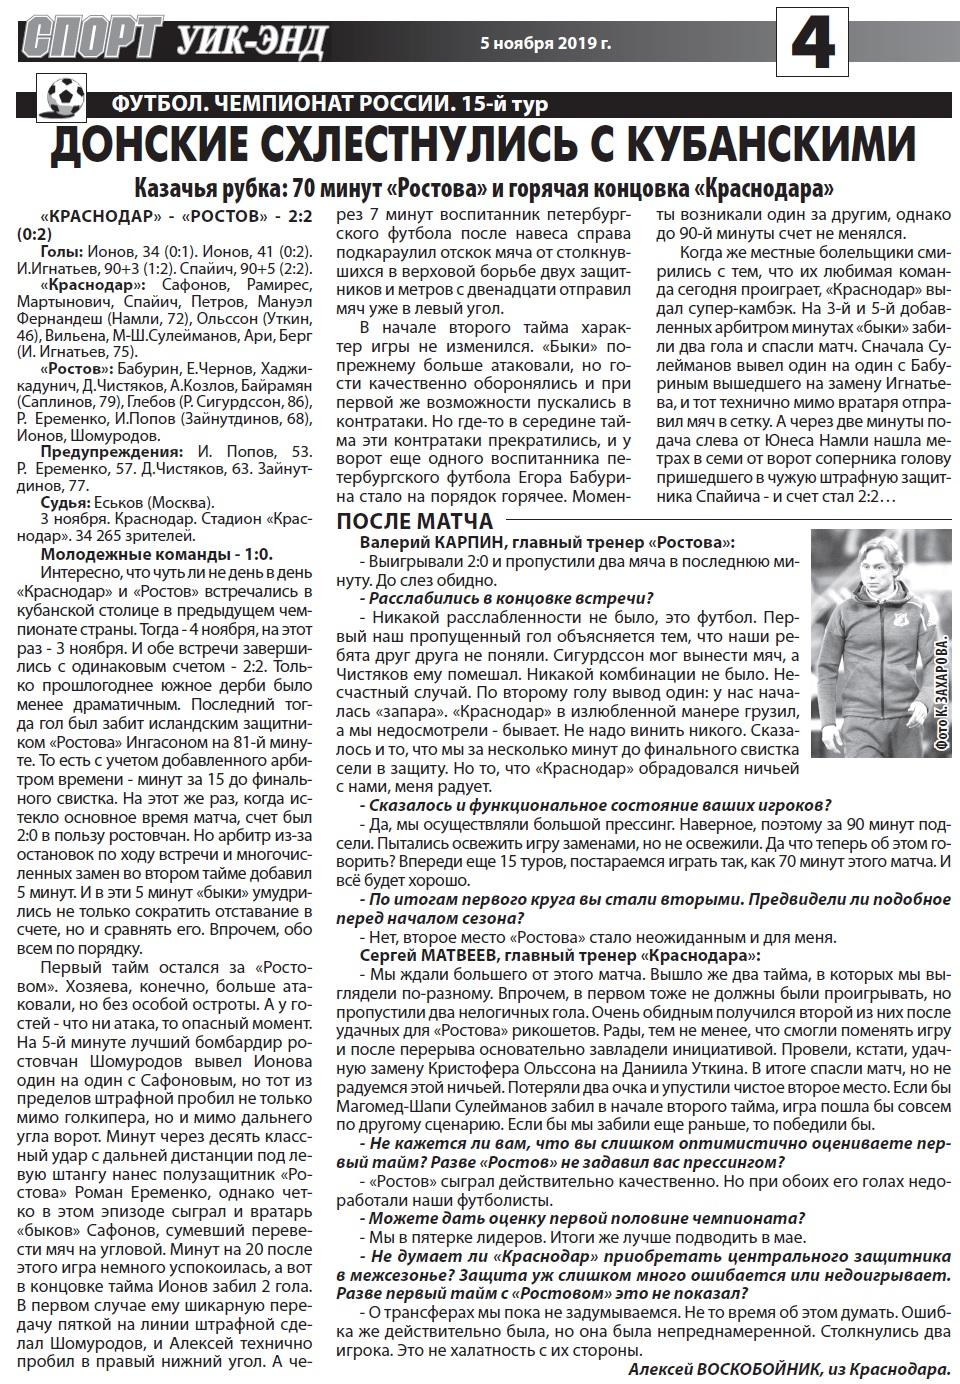 Краснодар (Краснодар) - Ростов (Ростов-на-Дону) 2:2. Нажмите, чтобы посмотреть истинный размер рисунка